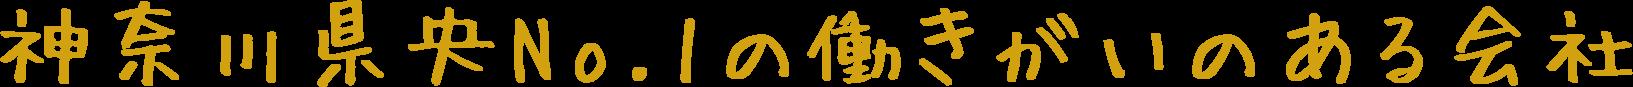 神奈川県央No.1の働きがいのある会社